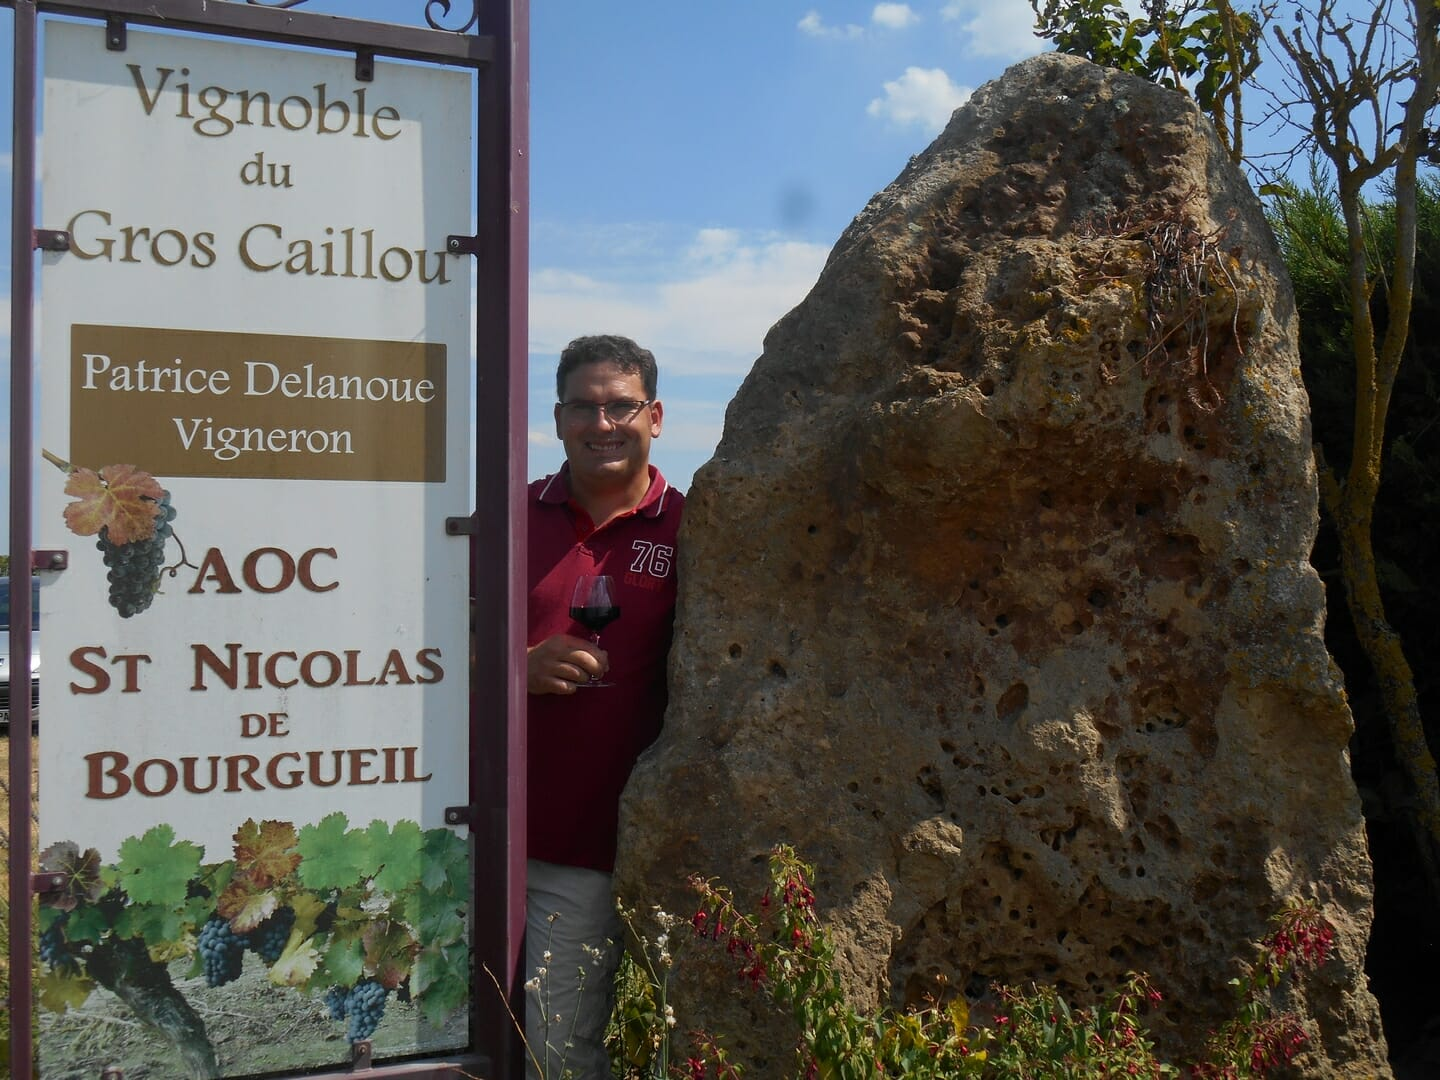 Vignoble du Gros Caillou